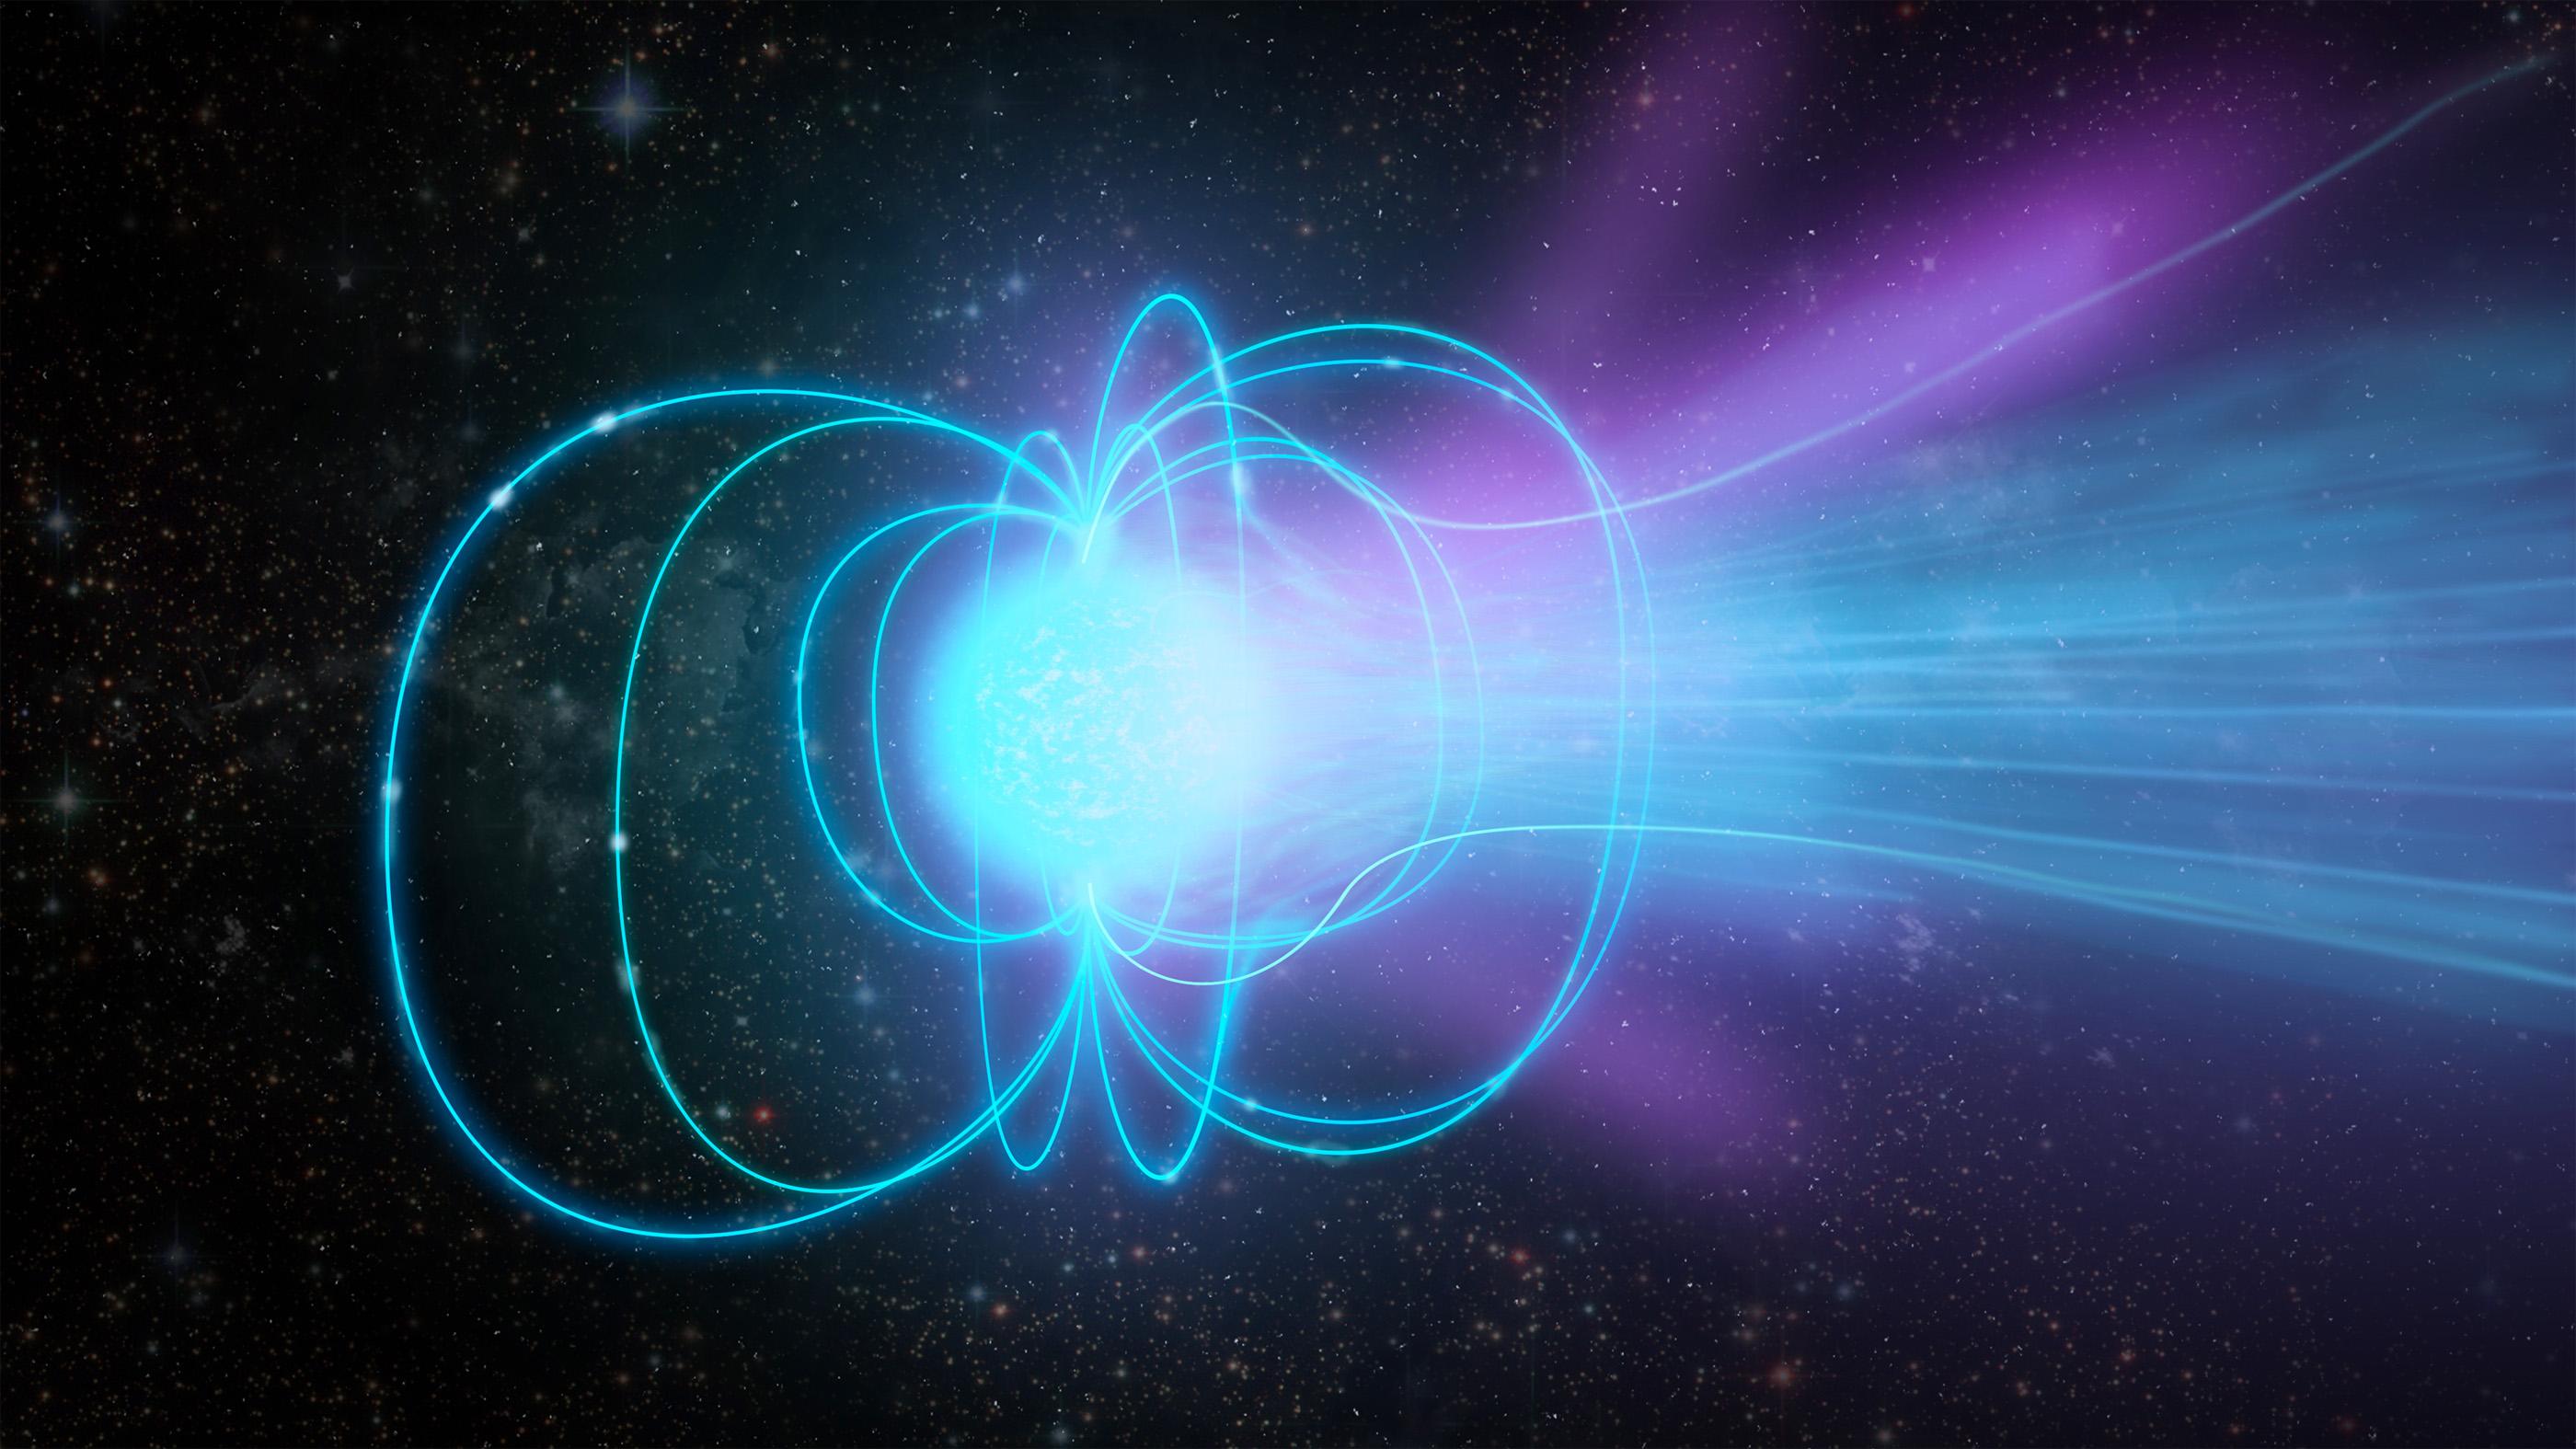 Un magnétar est une étoile à neutrons superdense avec un champ magnétique extrêmement puissant.  Dans cette illustration, le magnétar émet une rafale de rayonnement.